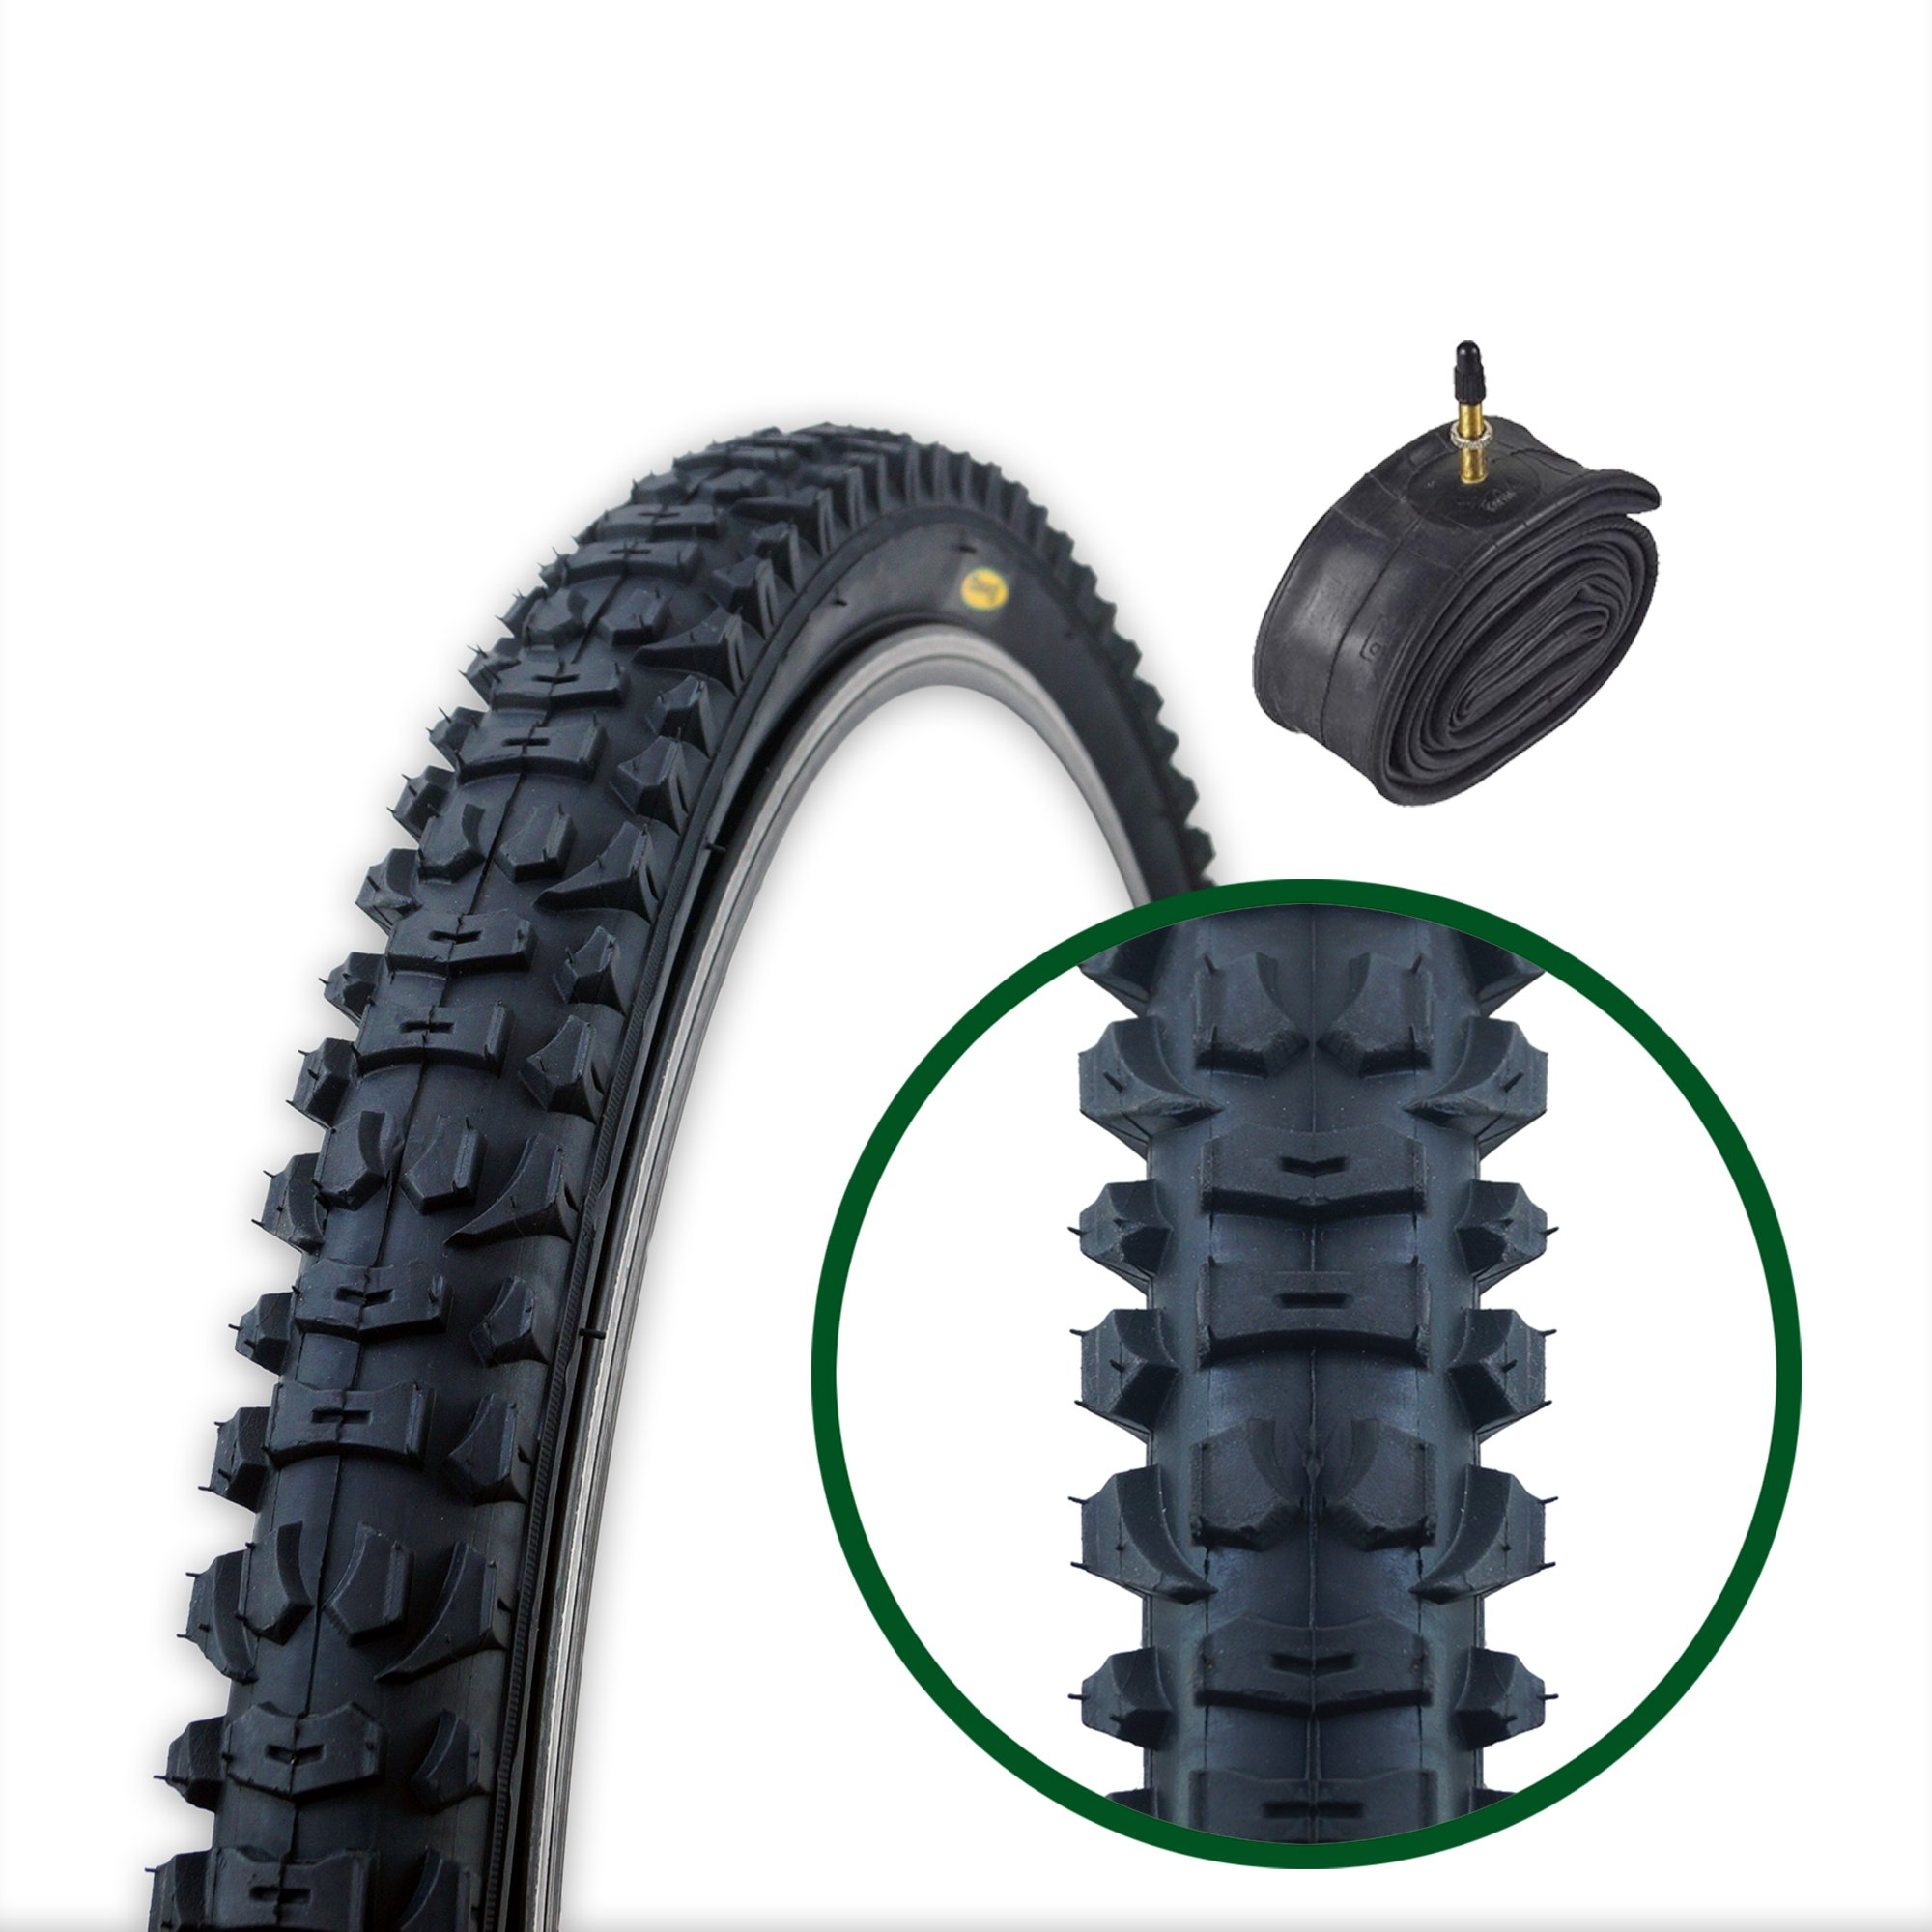 Fincci Plegable Neumáticos de Bicicleta Híbridos MTB 26 x 1,95 y ...